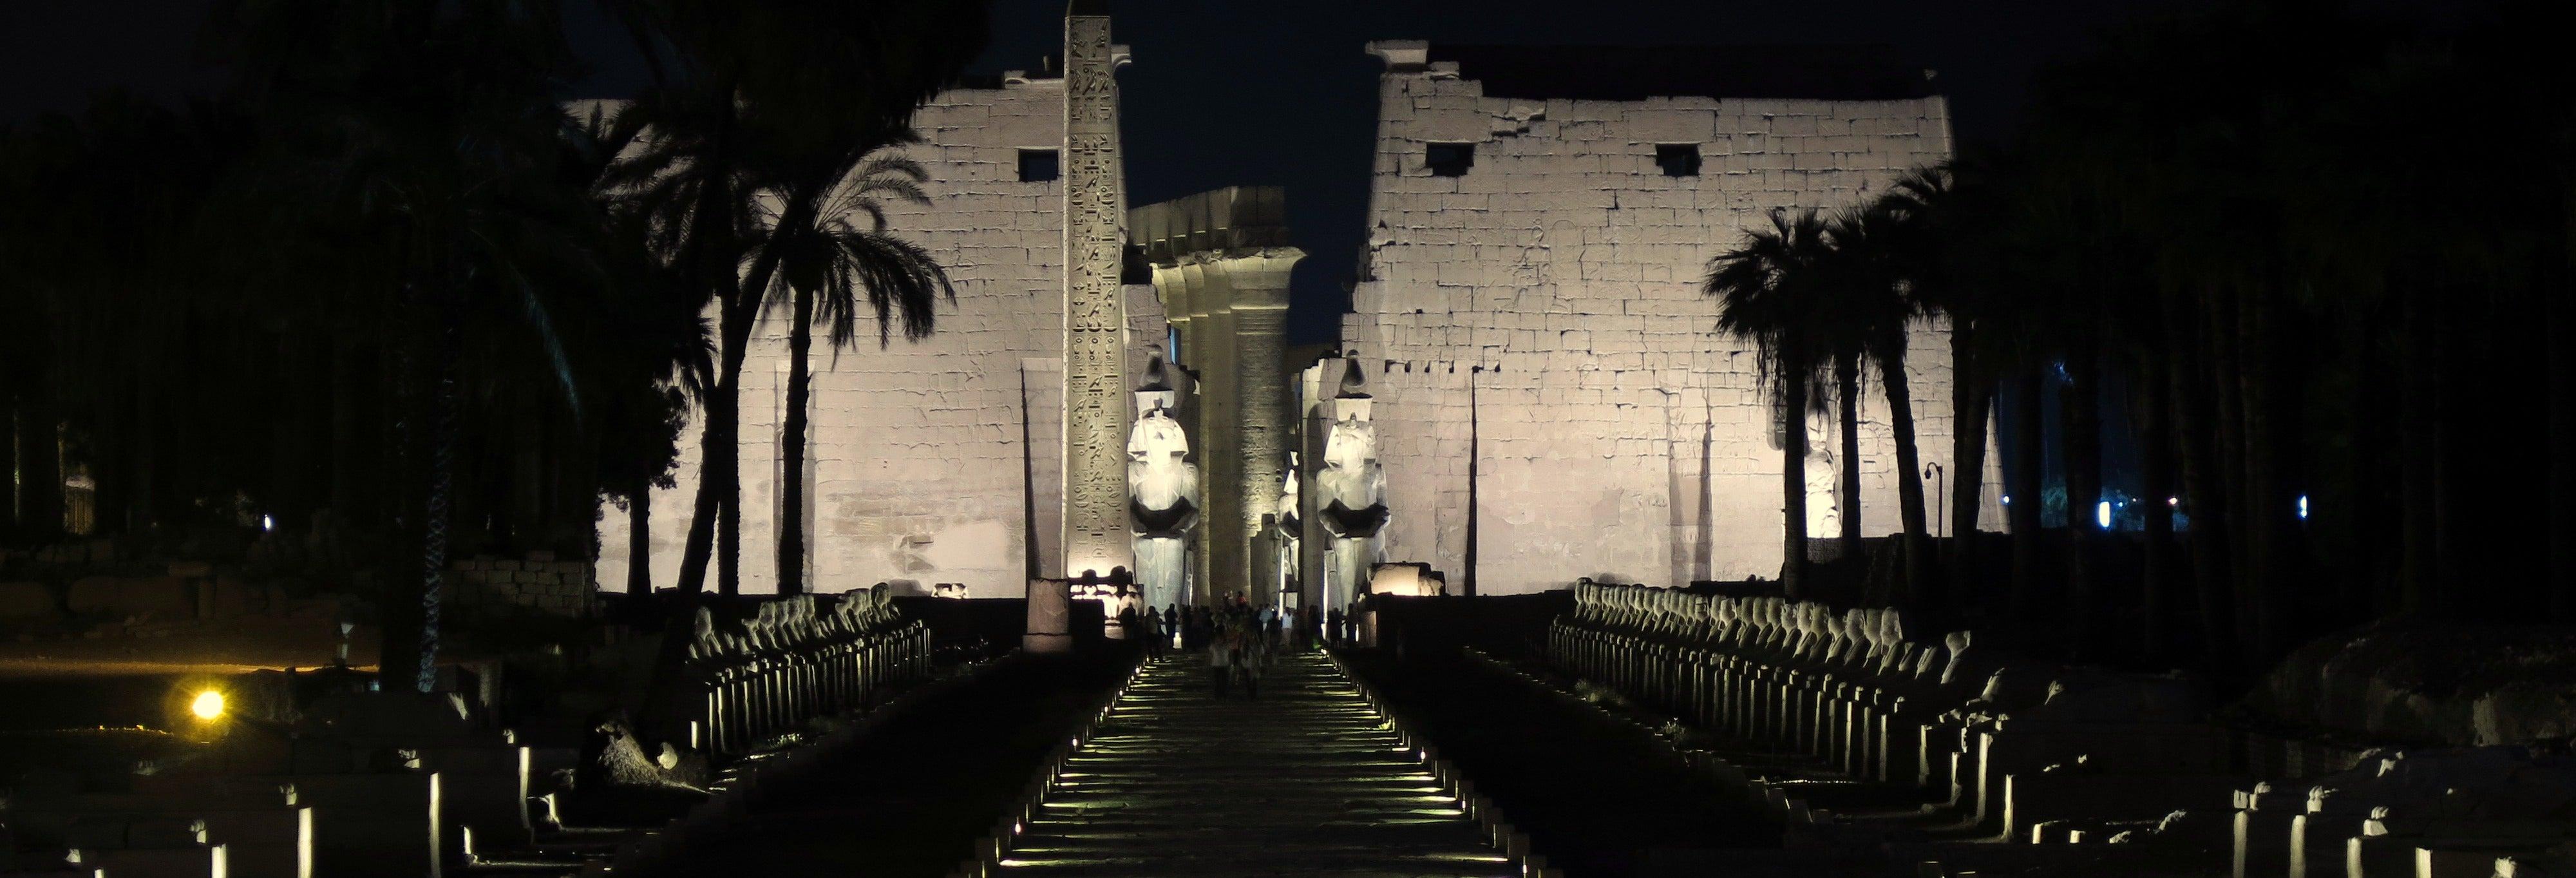 Espetáculo de luz e som no Templo de Karnak